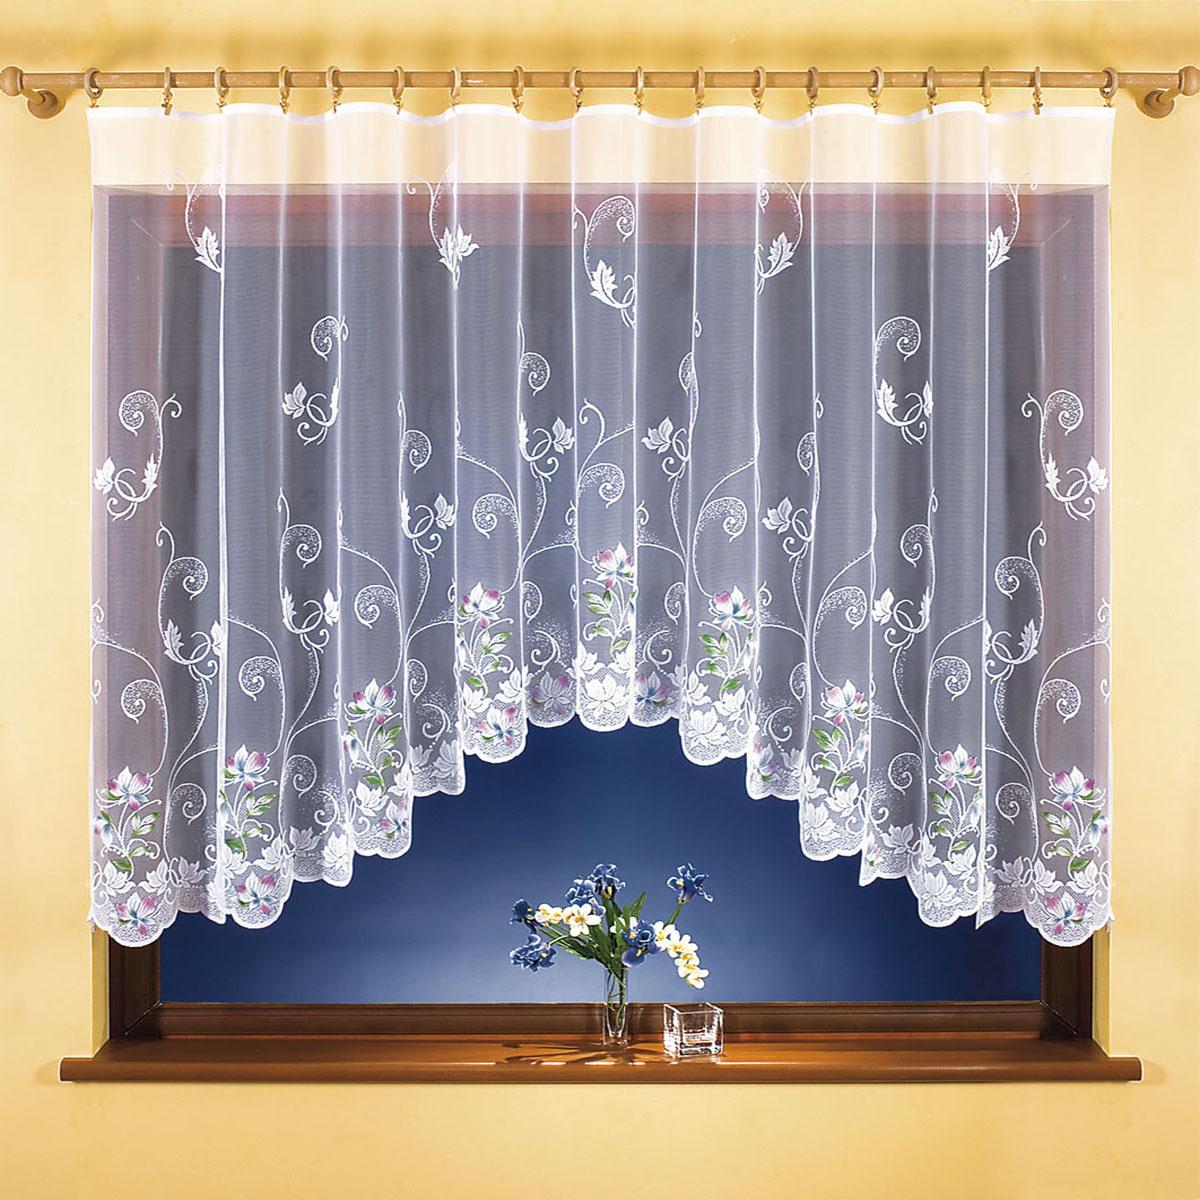 """Штора """"Wisan"""", выполненная из легкого полупрозрачного полиэстера белого цвета, станет великолепным украшением кухонного окна. Изделие имеет ассиметричную длину и красивый цветочный рисунок по всей поверхности полотна. Качественный материал и оригинальный дизайн привлекут к себе внимание и позволят шторе органично вписаться в интерьер помещения. Штора оснащена шторной лентой под зажимы для крепления на карниз."""